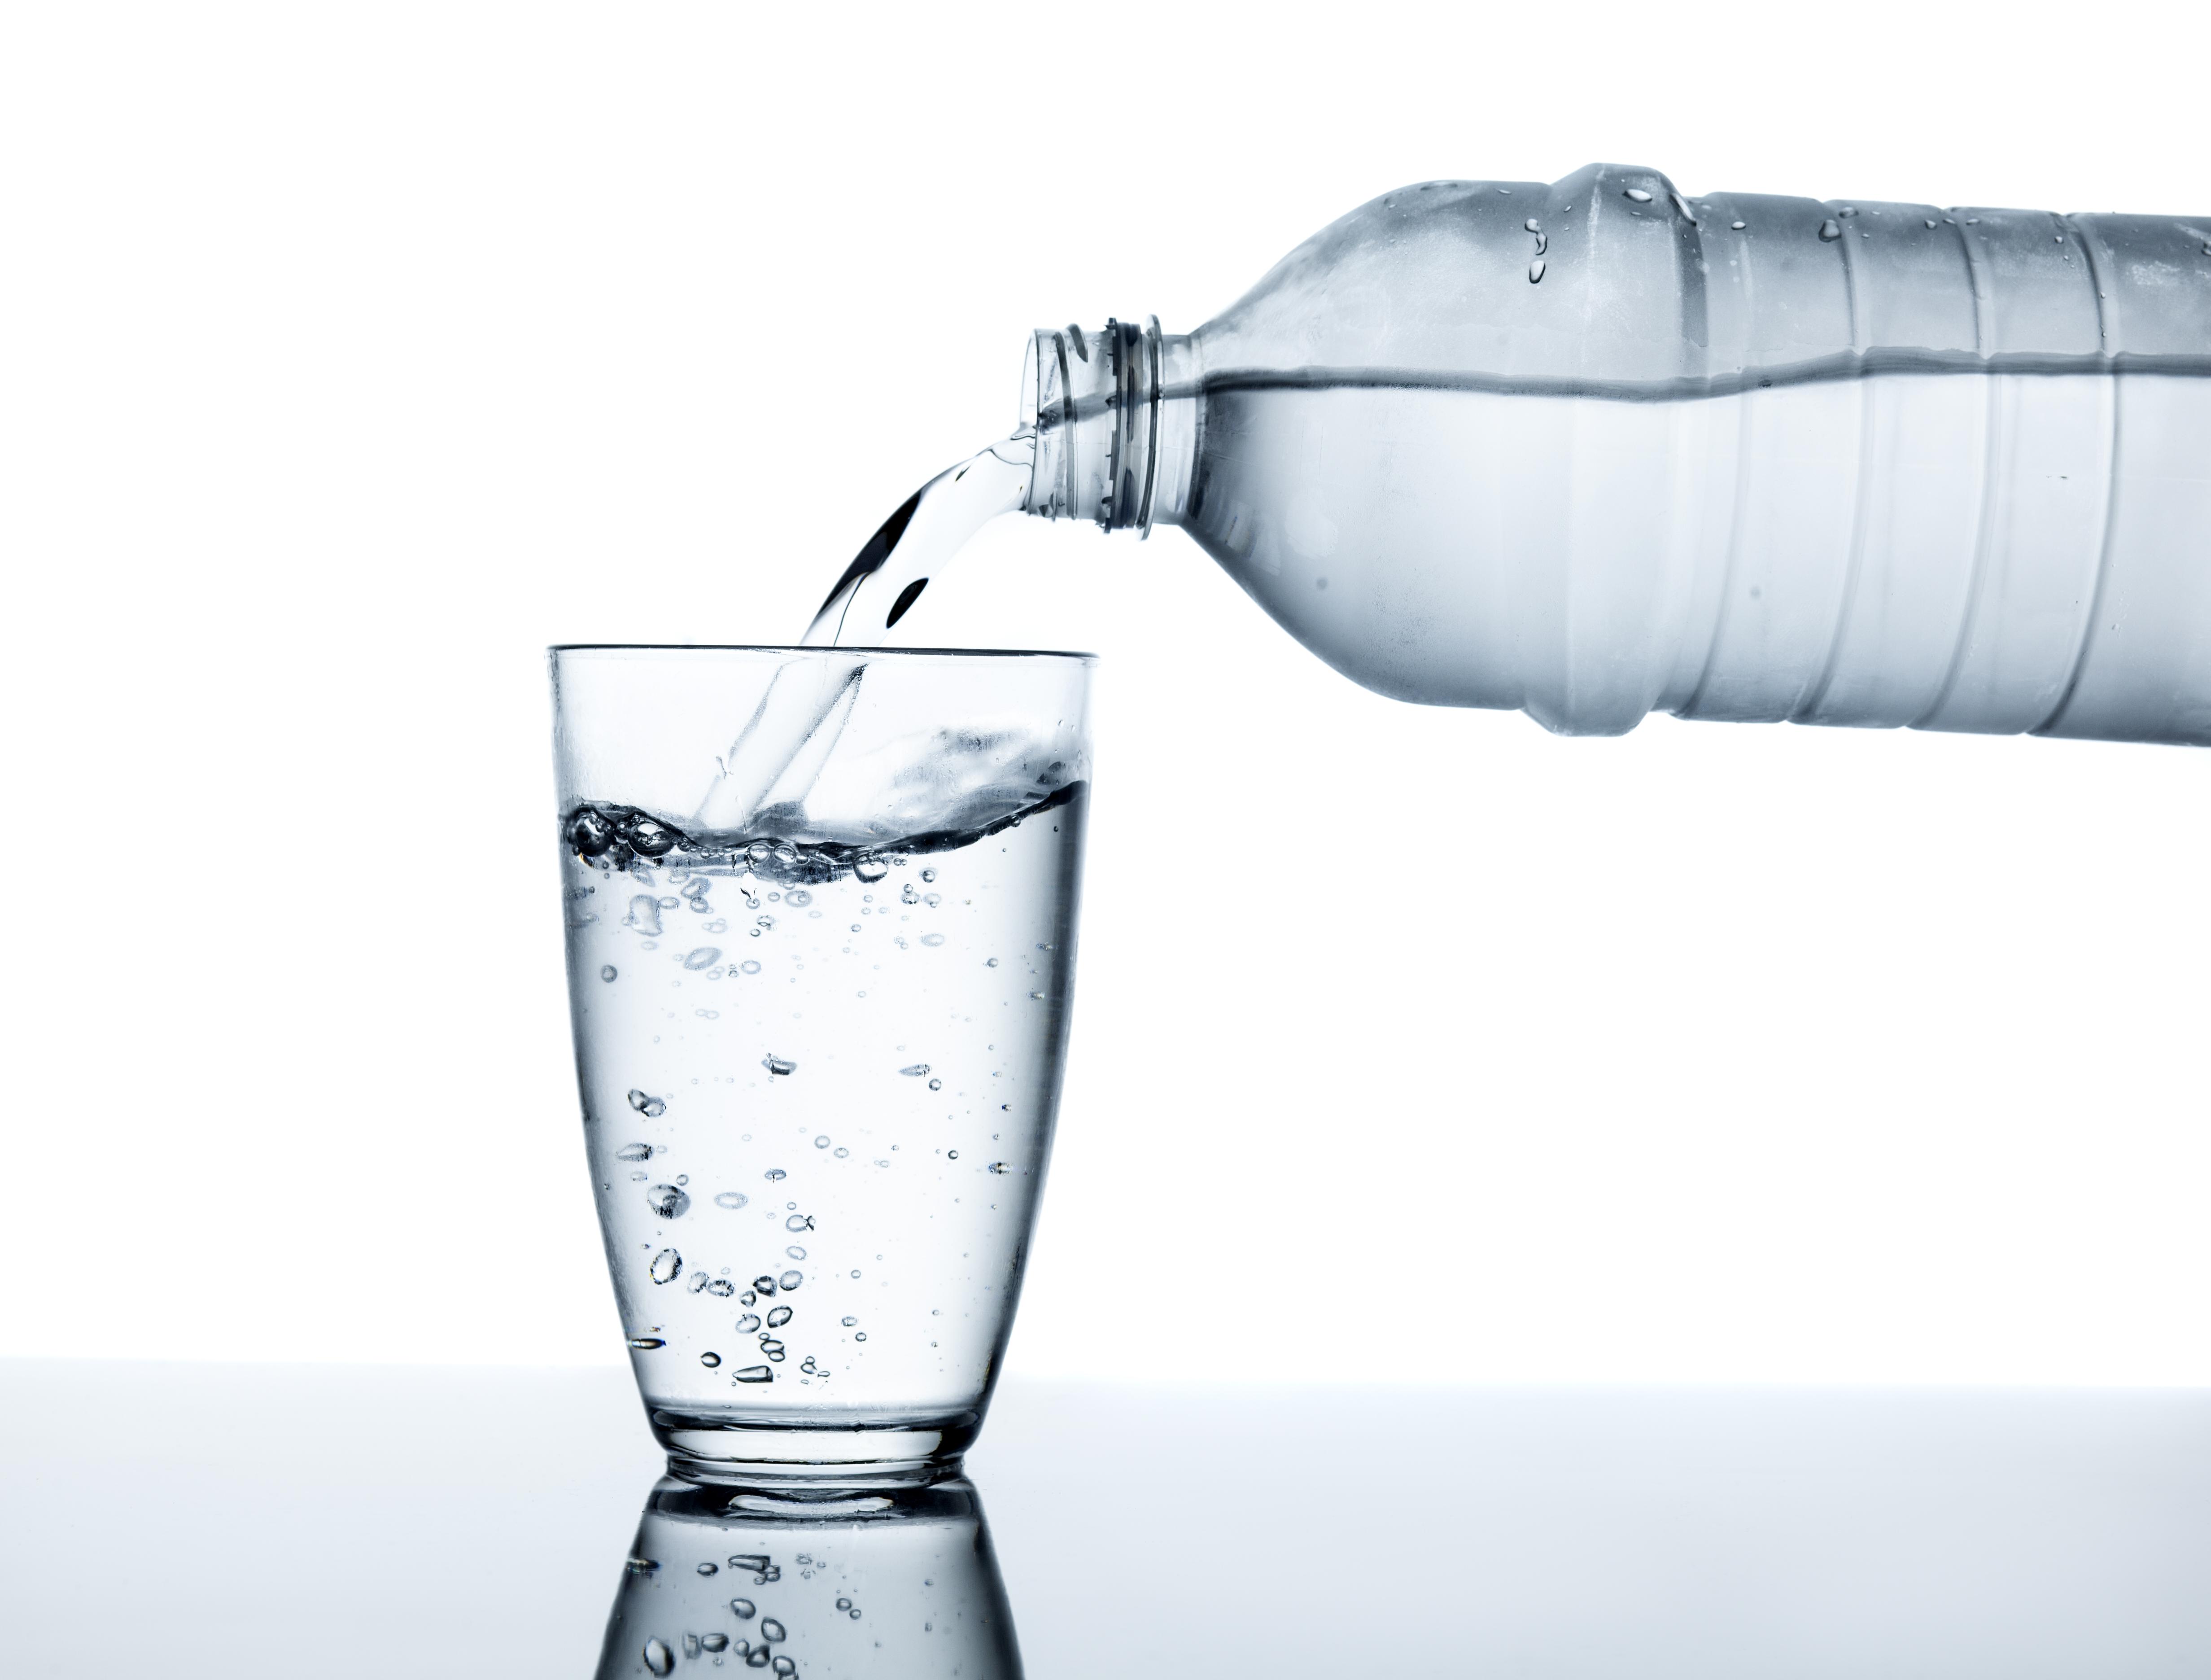 חשוב לשתות הרבה מים